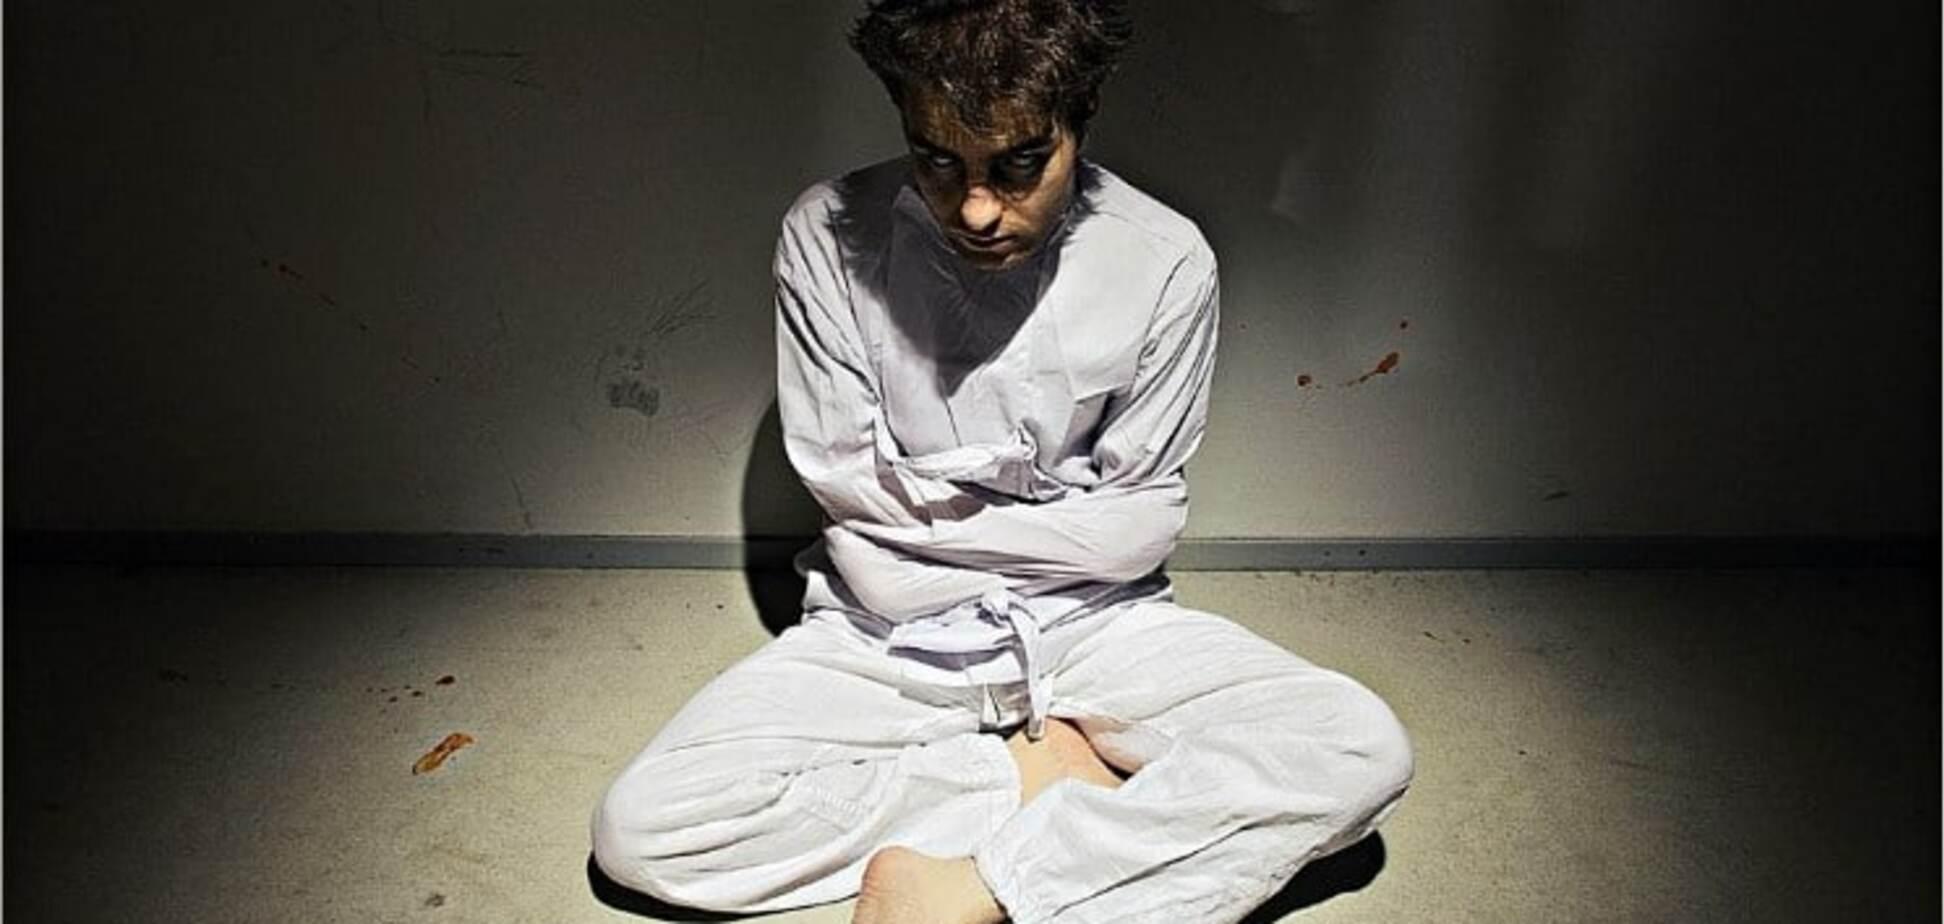 В Україні заборонили свавілля по відношенню до психічно хворих пацієнтів